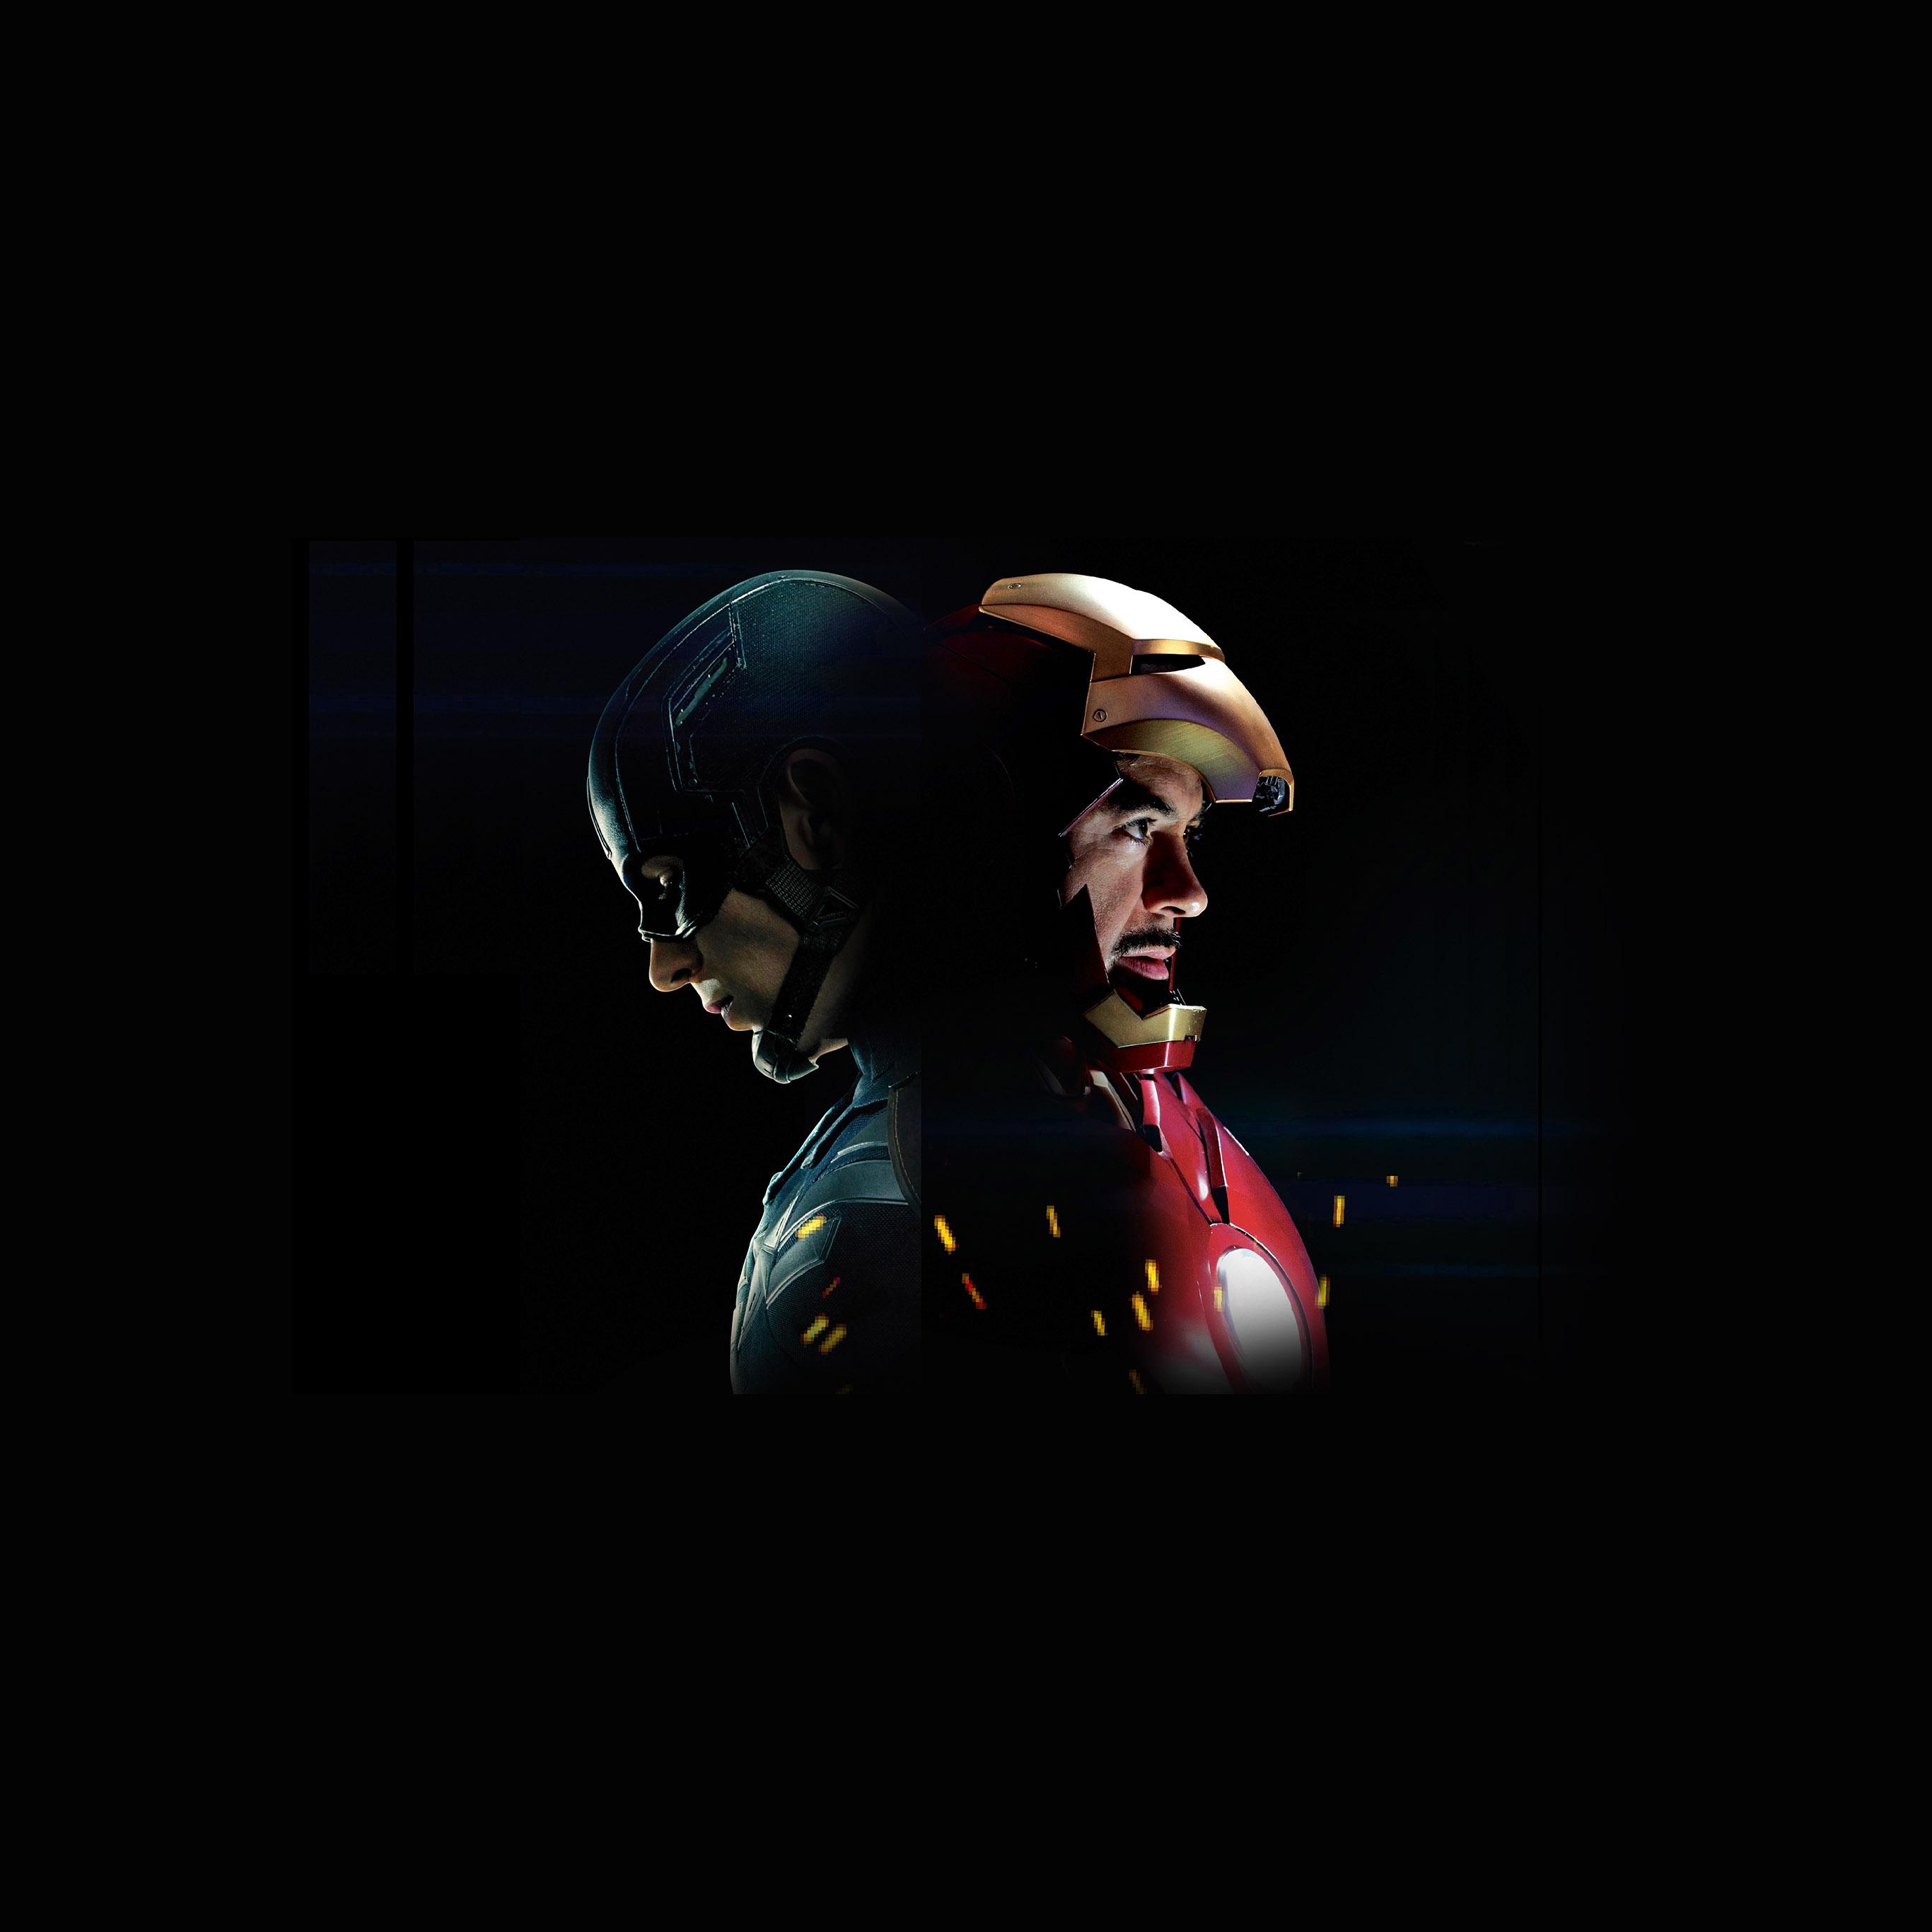 Wallpaper Iphone Superhero: As71-captain-america-civilwar-ironman-hero-art